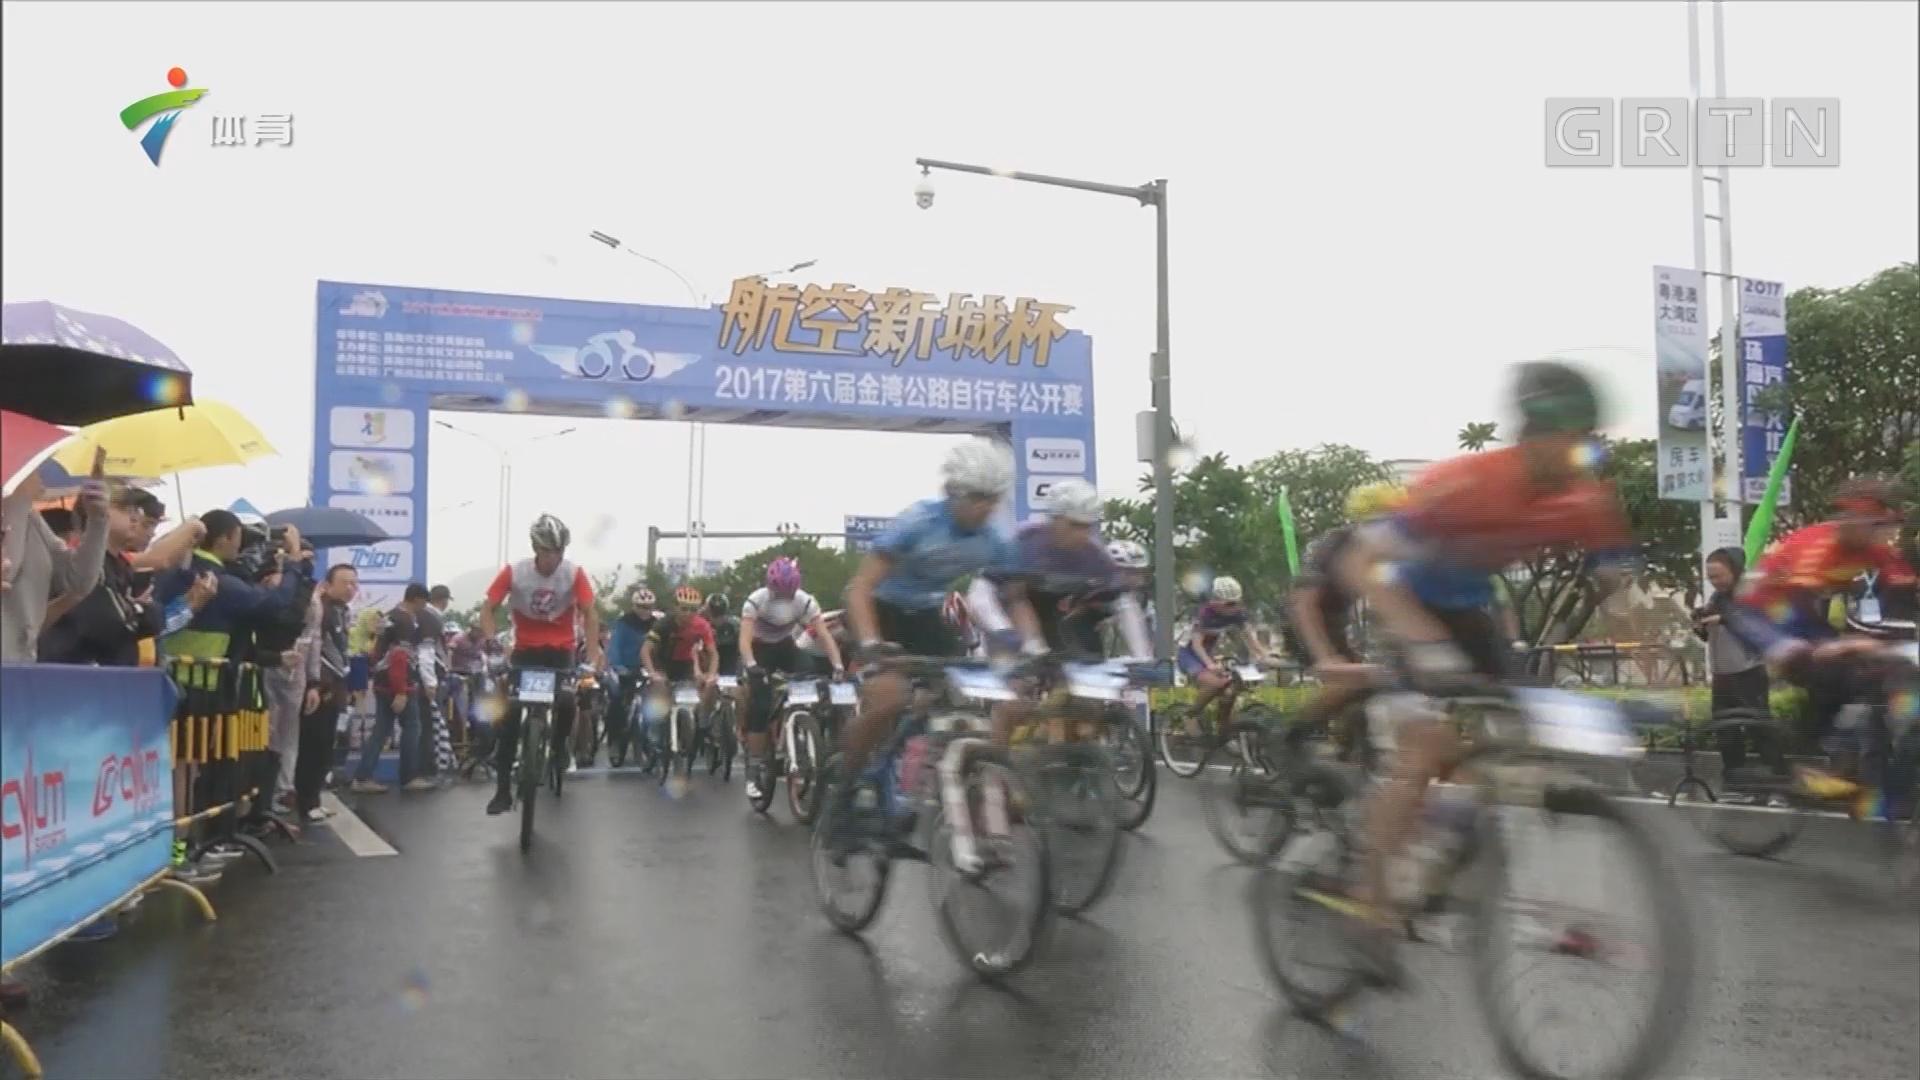 珠海金湾举办第六届公路自行车公开赛